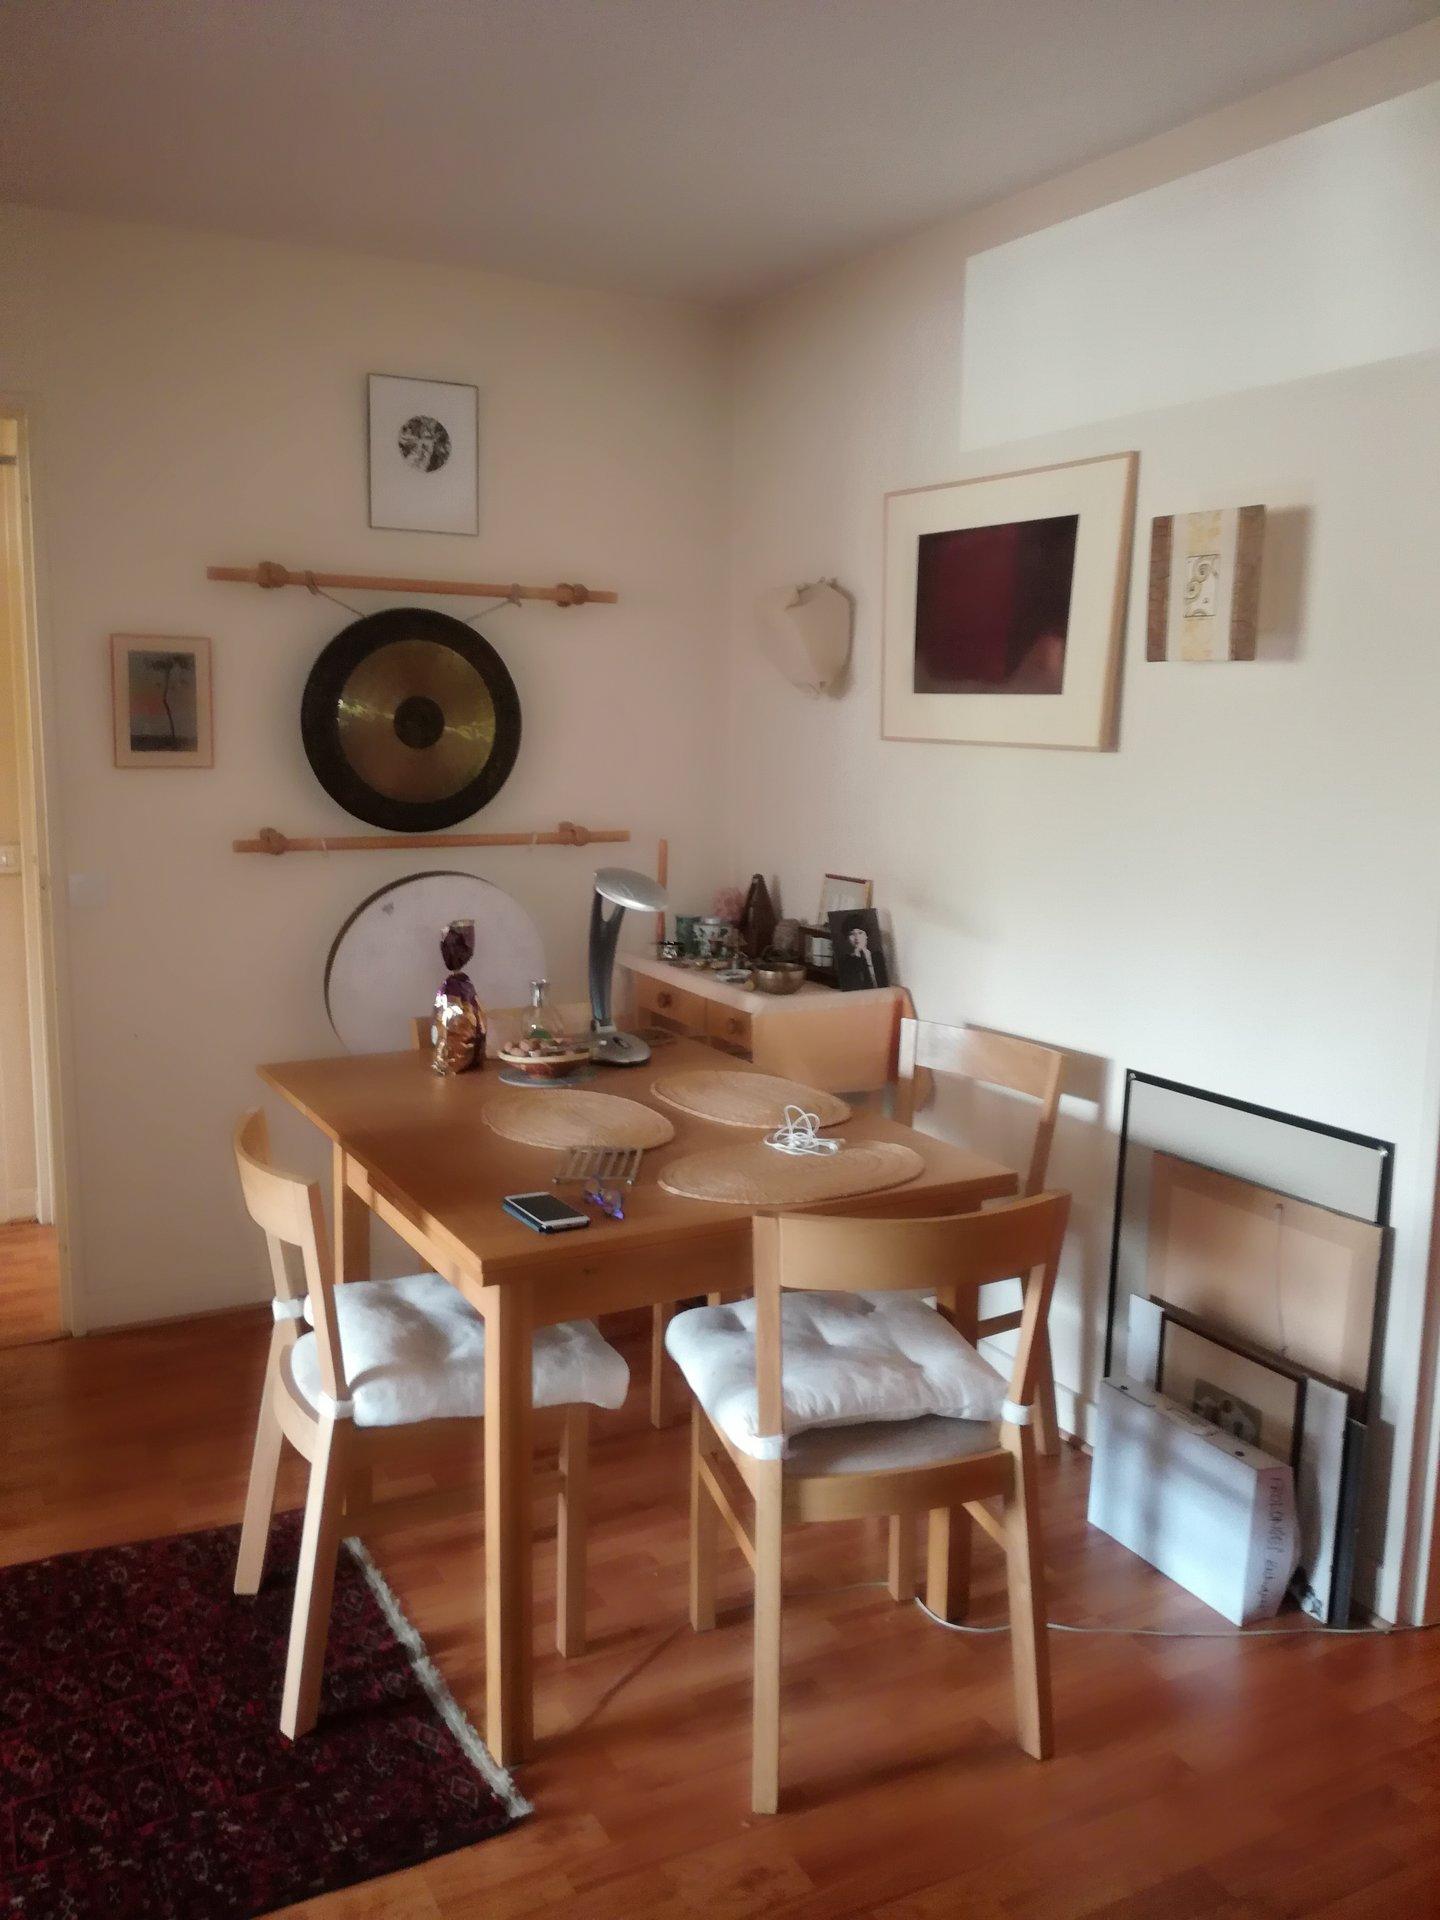 Location Appartement - Saint-Germain-en-Laye Centre Ville